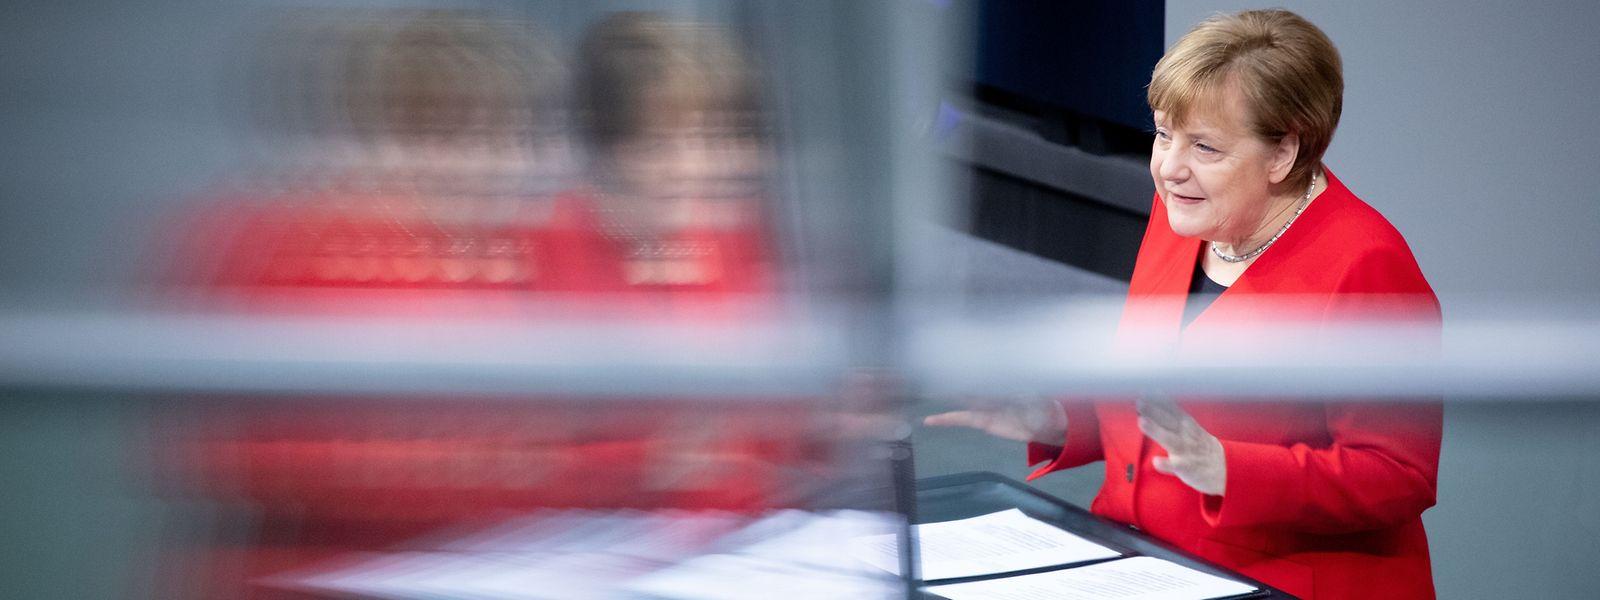 Merkel gab im Bundestag eine Regierungserklärung zum bevorstehenden EU-Gipfel ab.